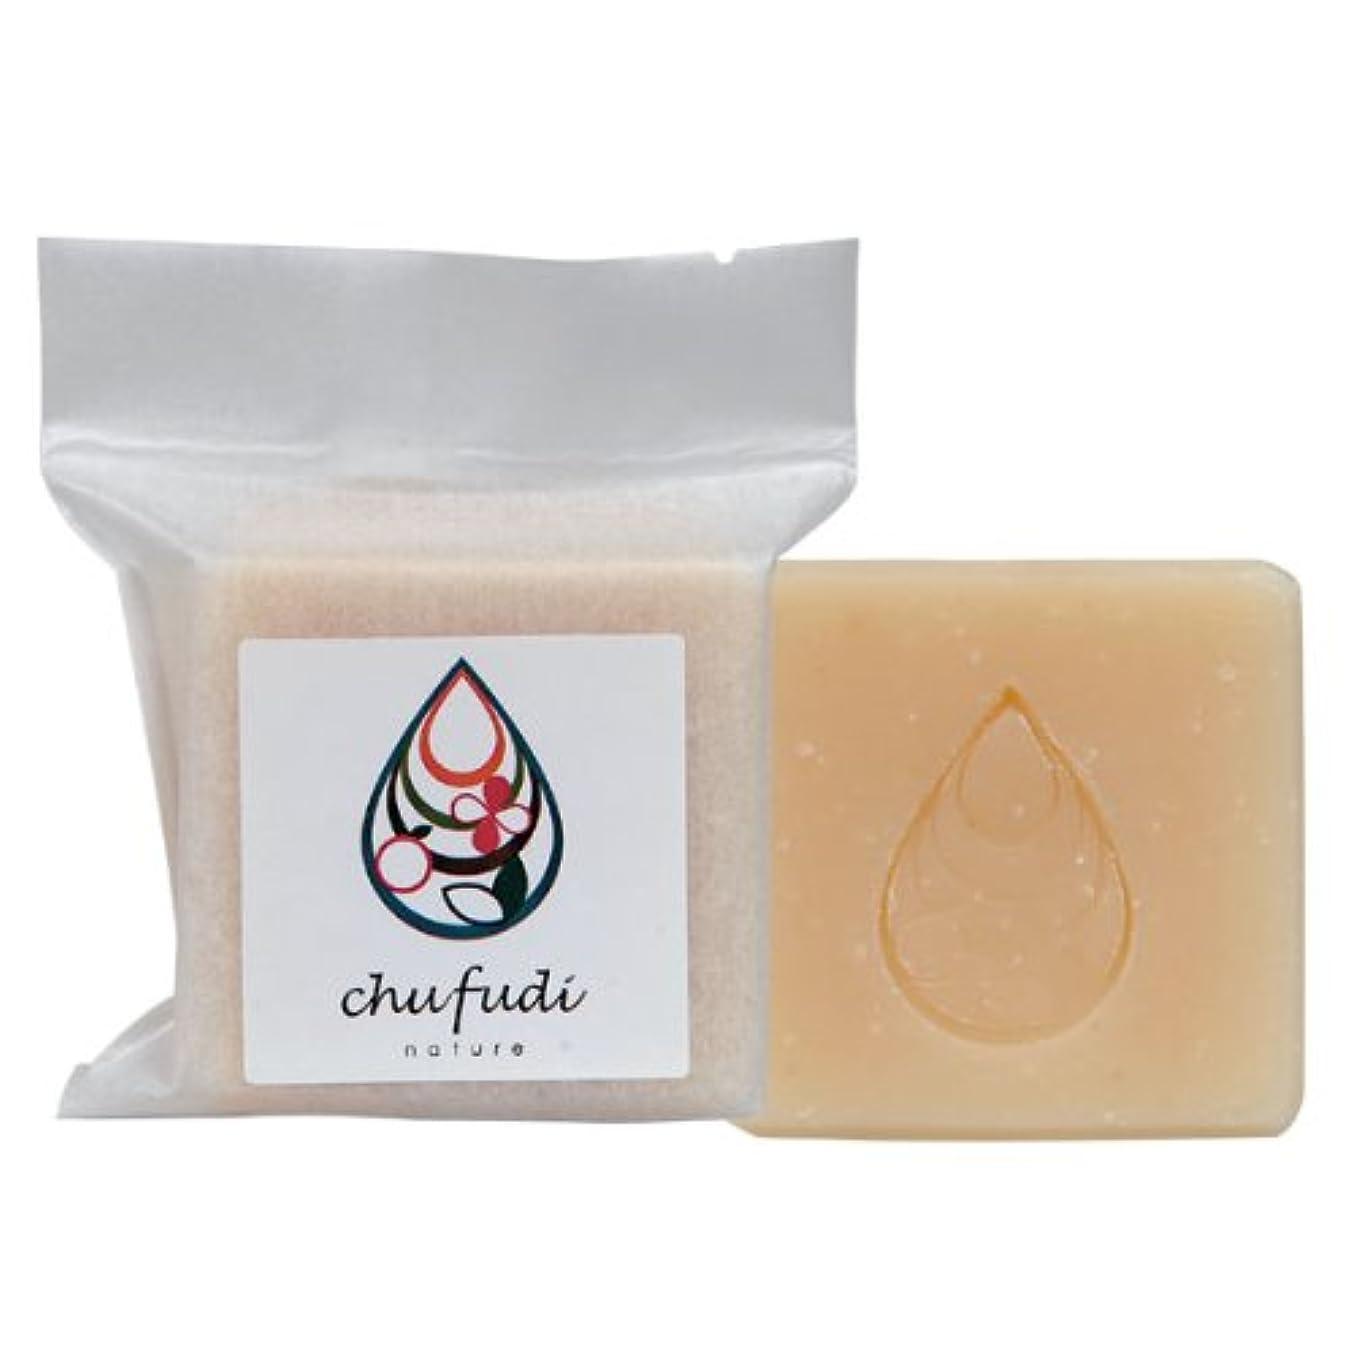 掘る扱いやすい決定的チュフディ イランイラン石鹸 100g